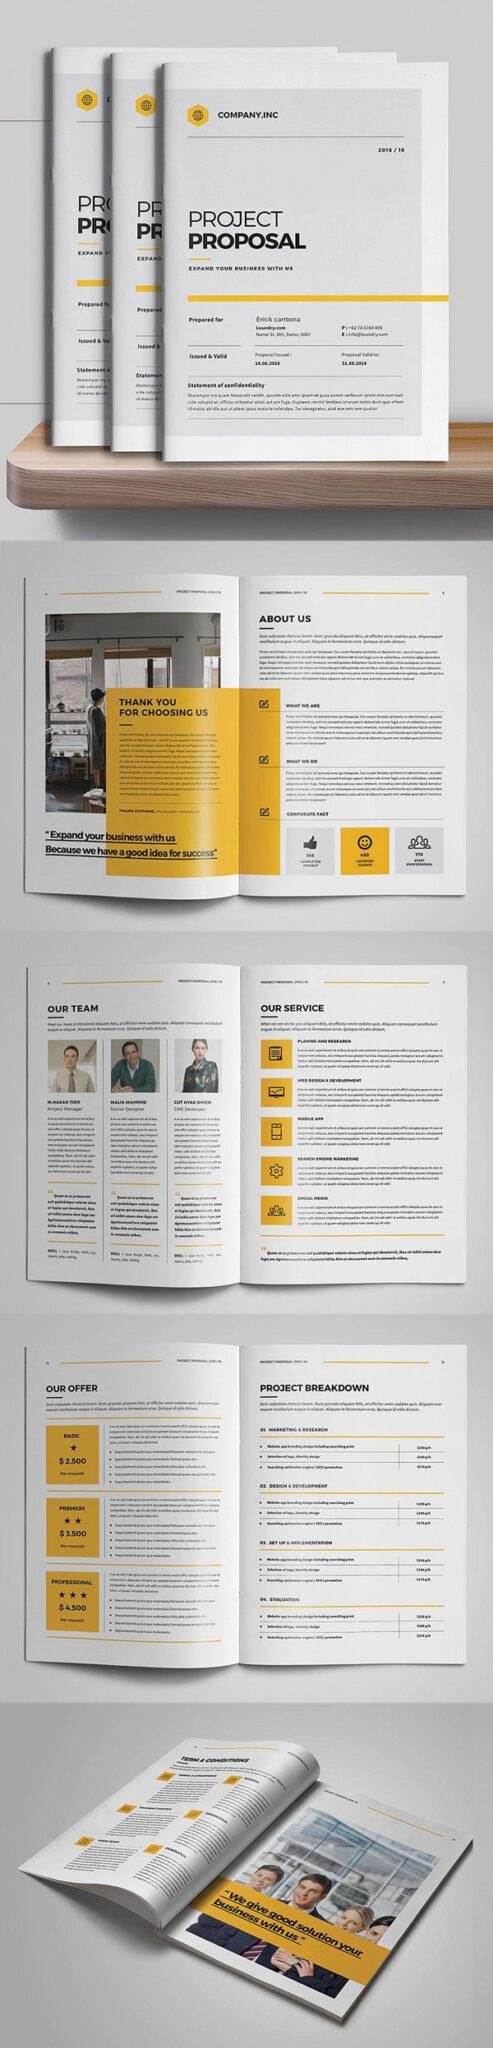 Diseño de mockups de propuesta de negocio profesional - 13